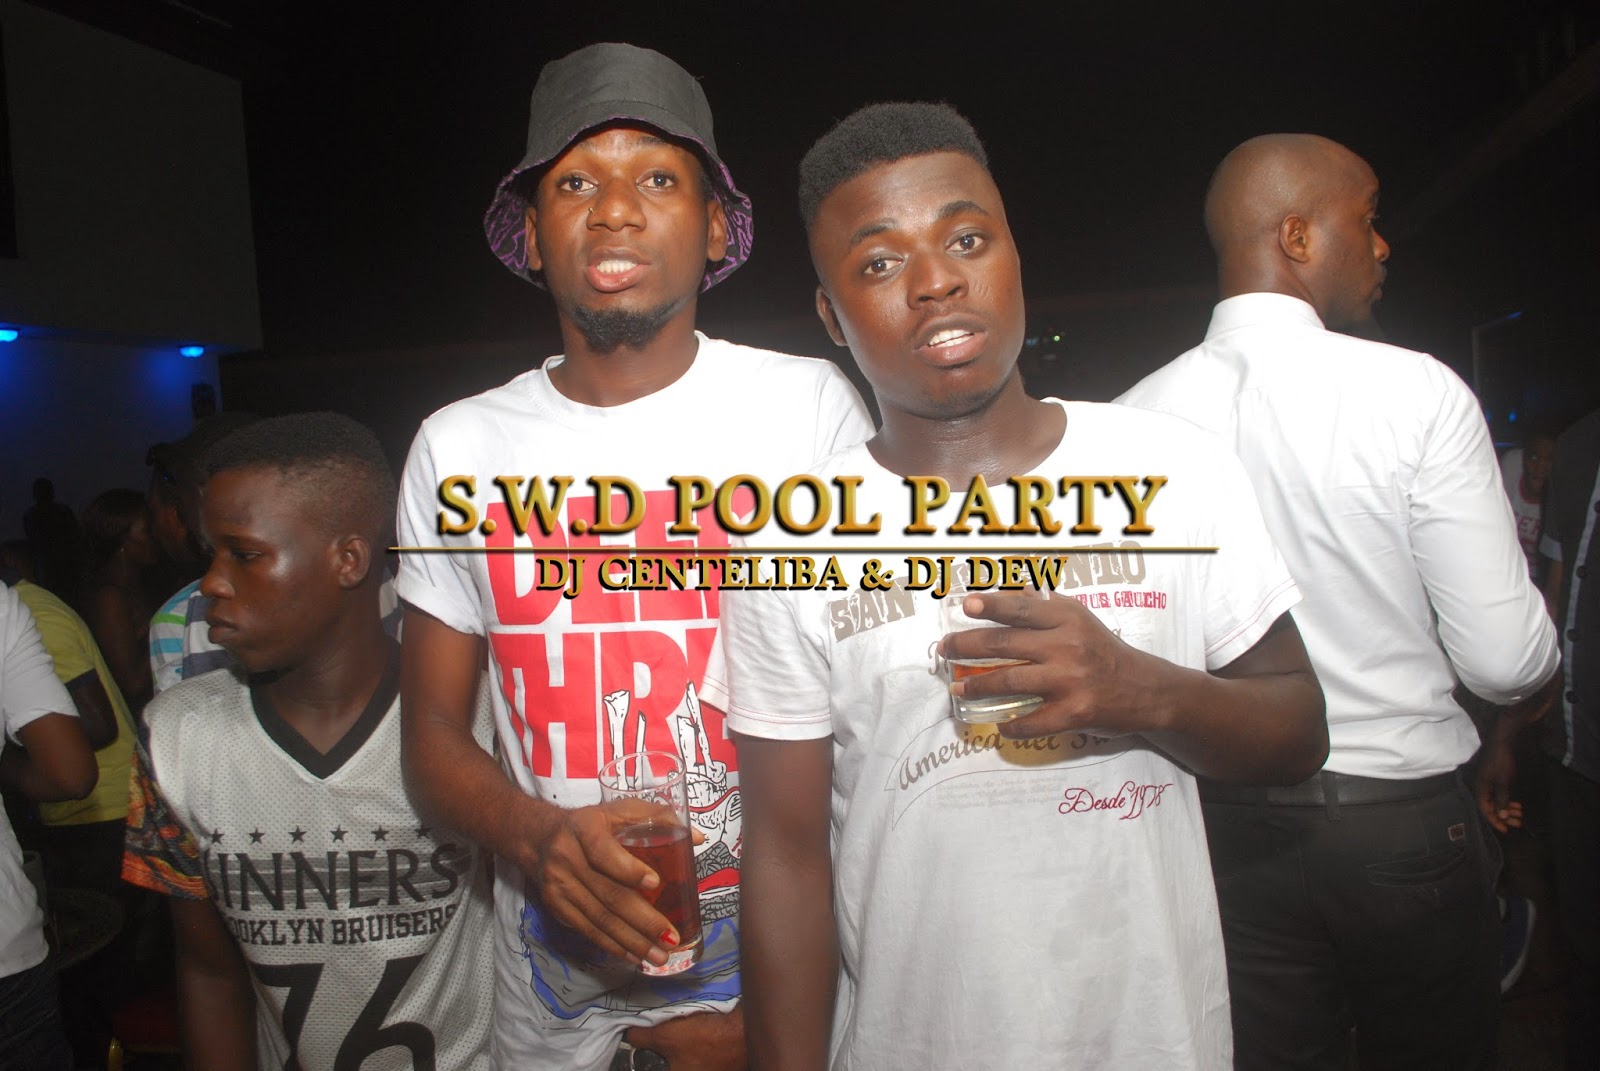 Africanmusicspy: DJ CENTELIBA & DJ DEW Presents SWIM WITH